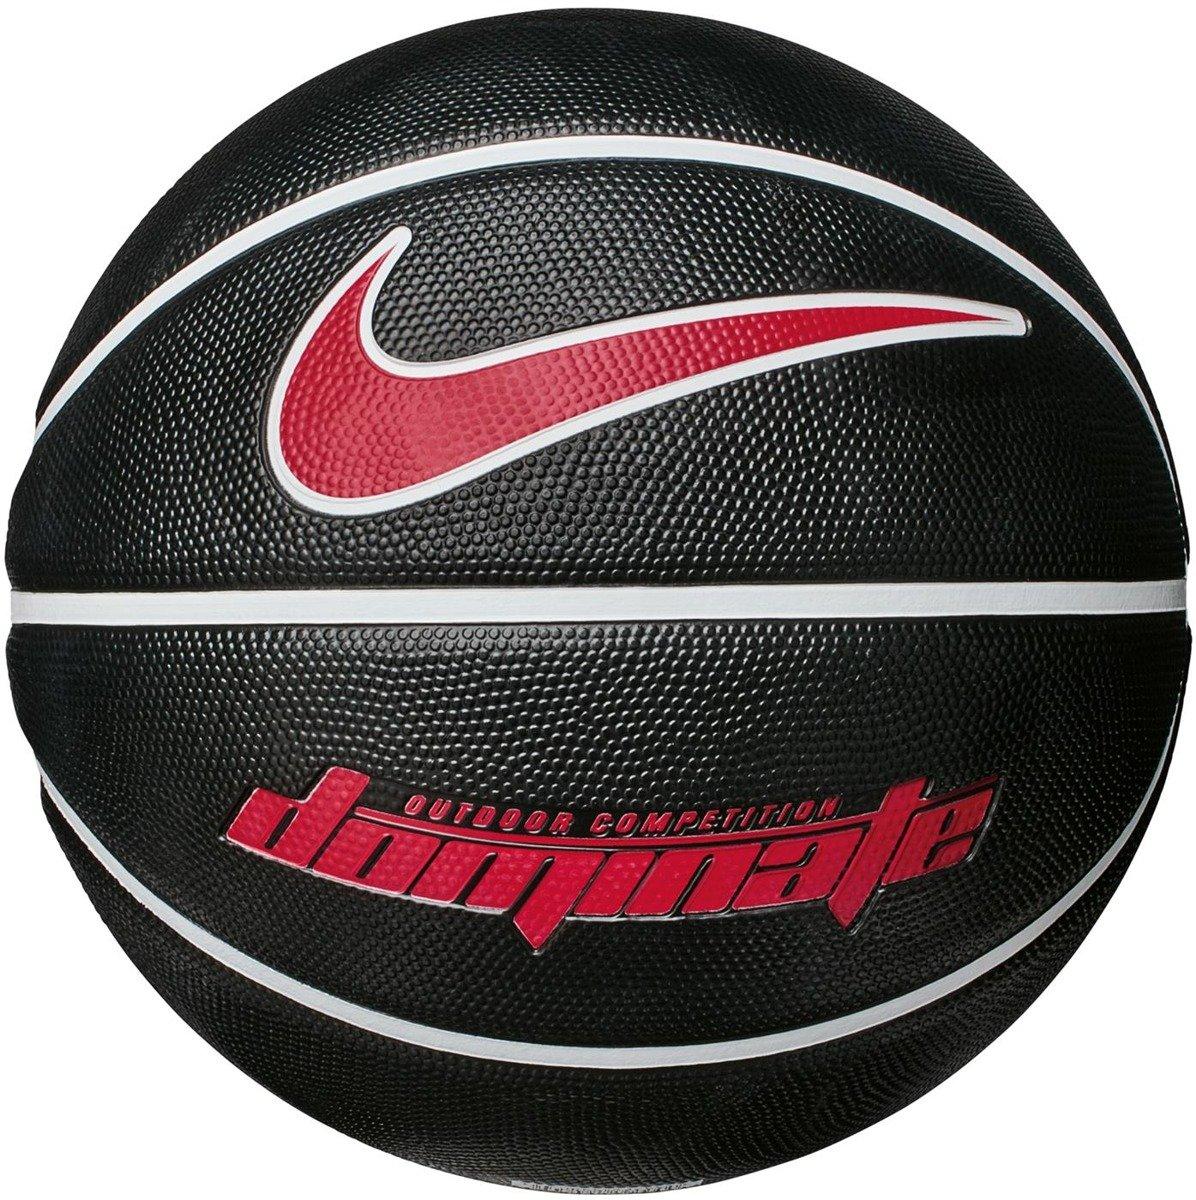 def610c5 Piłka do koszykówki Nike Dominate 8P r. 6 - N000116509506 - Basketo.pl